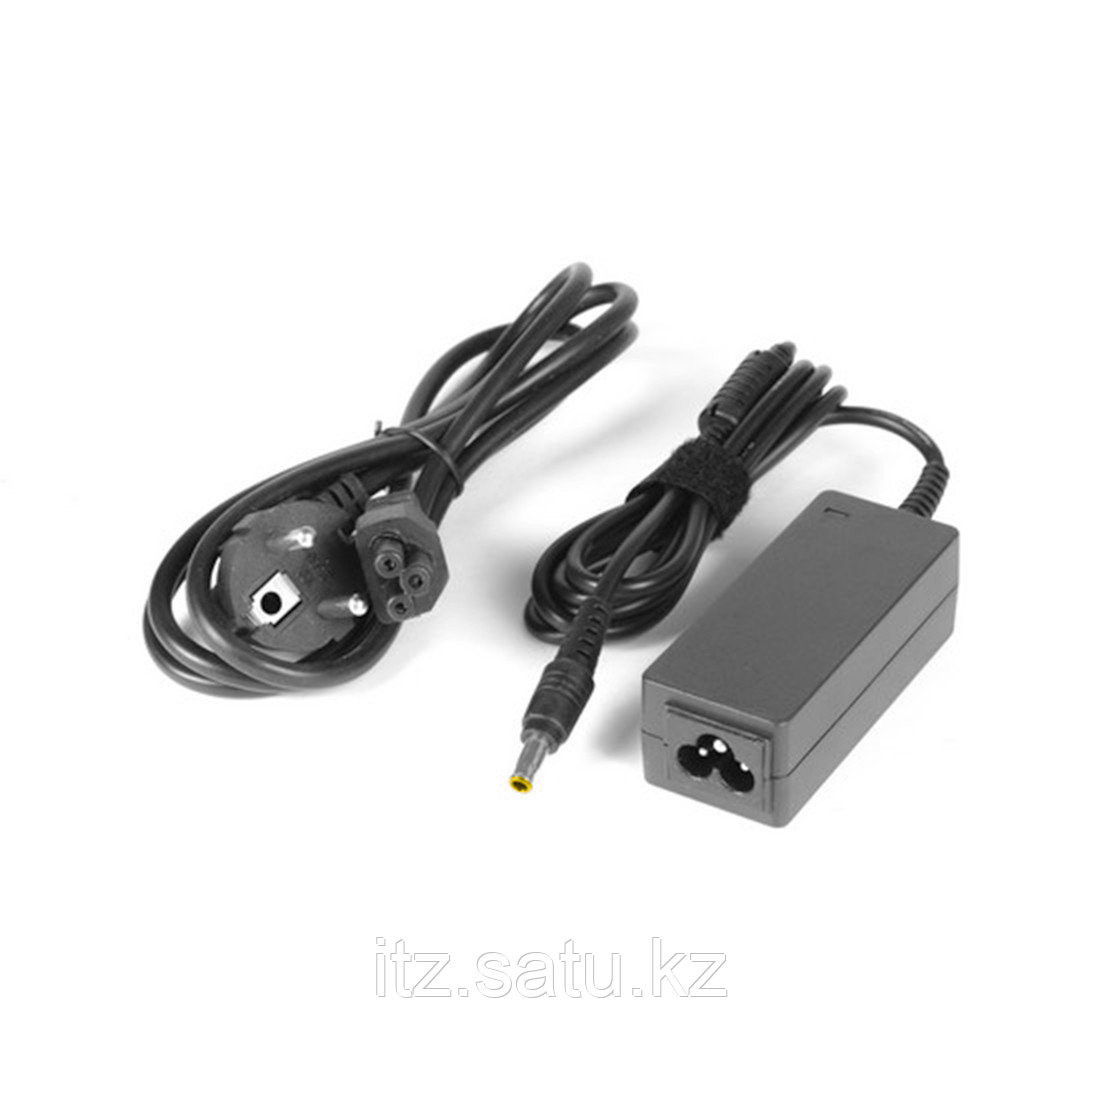 Персональное зарядное устройство Deluxe DLHP-474-7450P 5.5*3.0